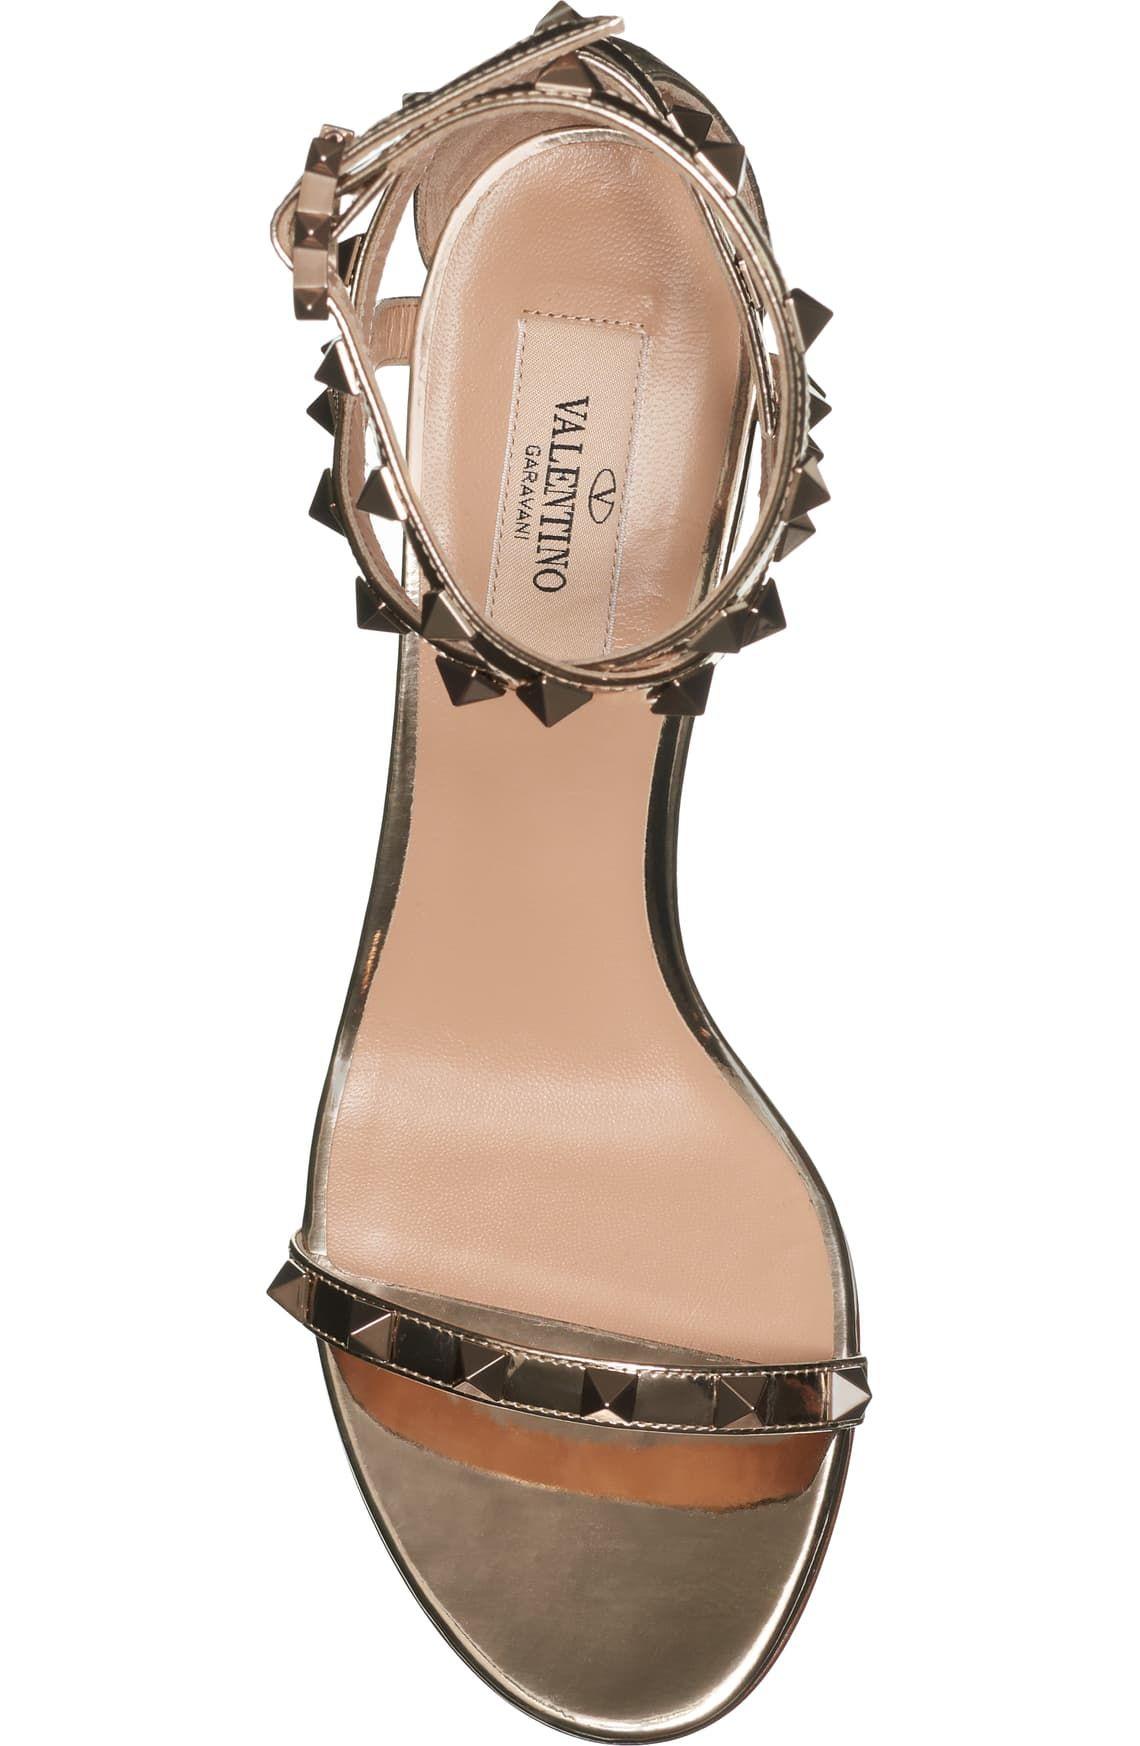 Valentino Womens Rockstud Triple-Strap Sandals ($1,075